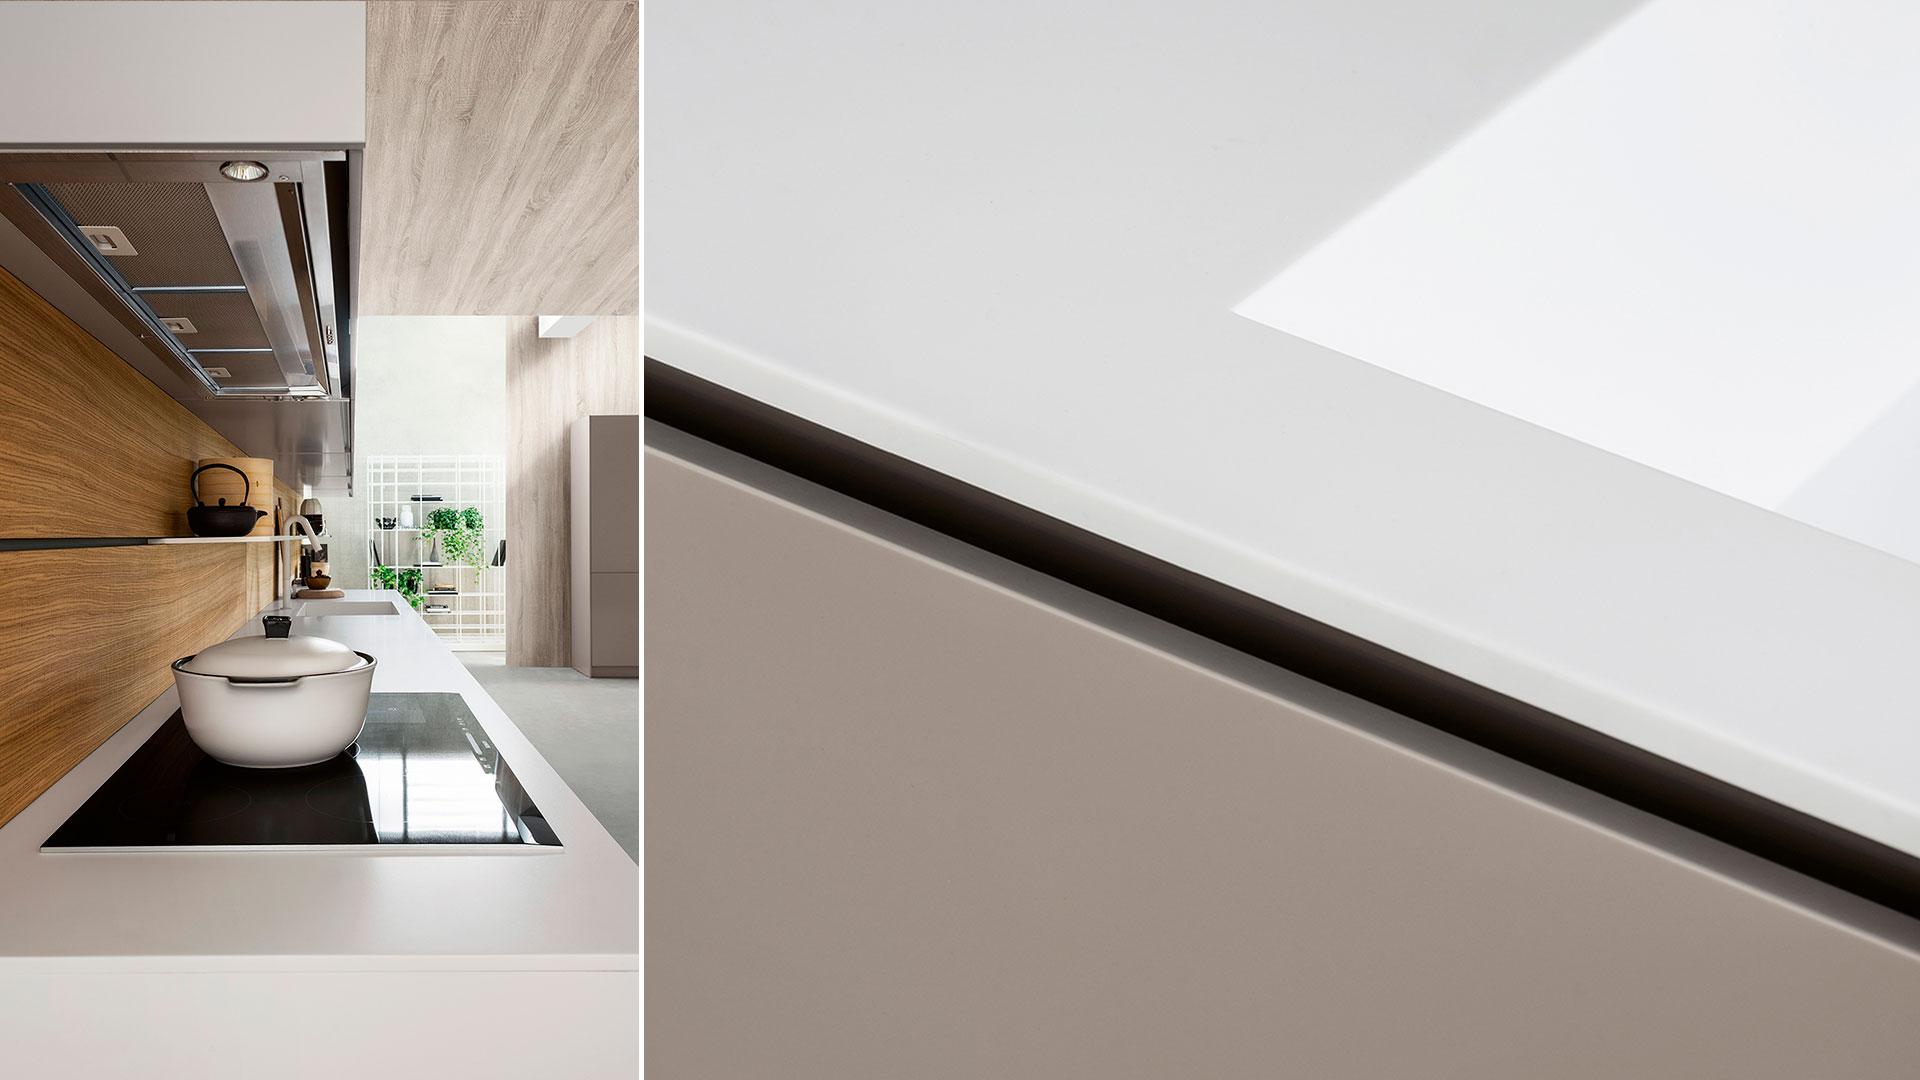 Freestanding modern kitchen in Corian | TM Italia 2018 Kitchens Collection - TM_CAT_K6_003